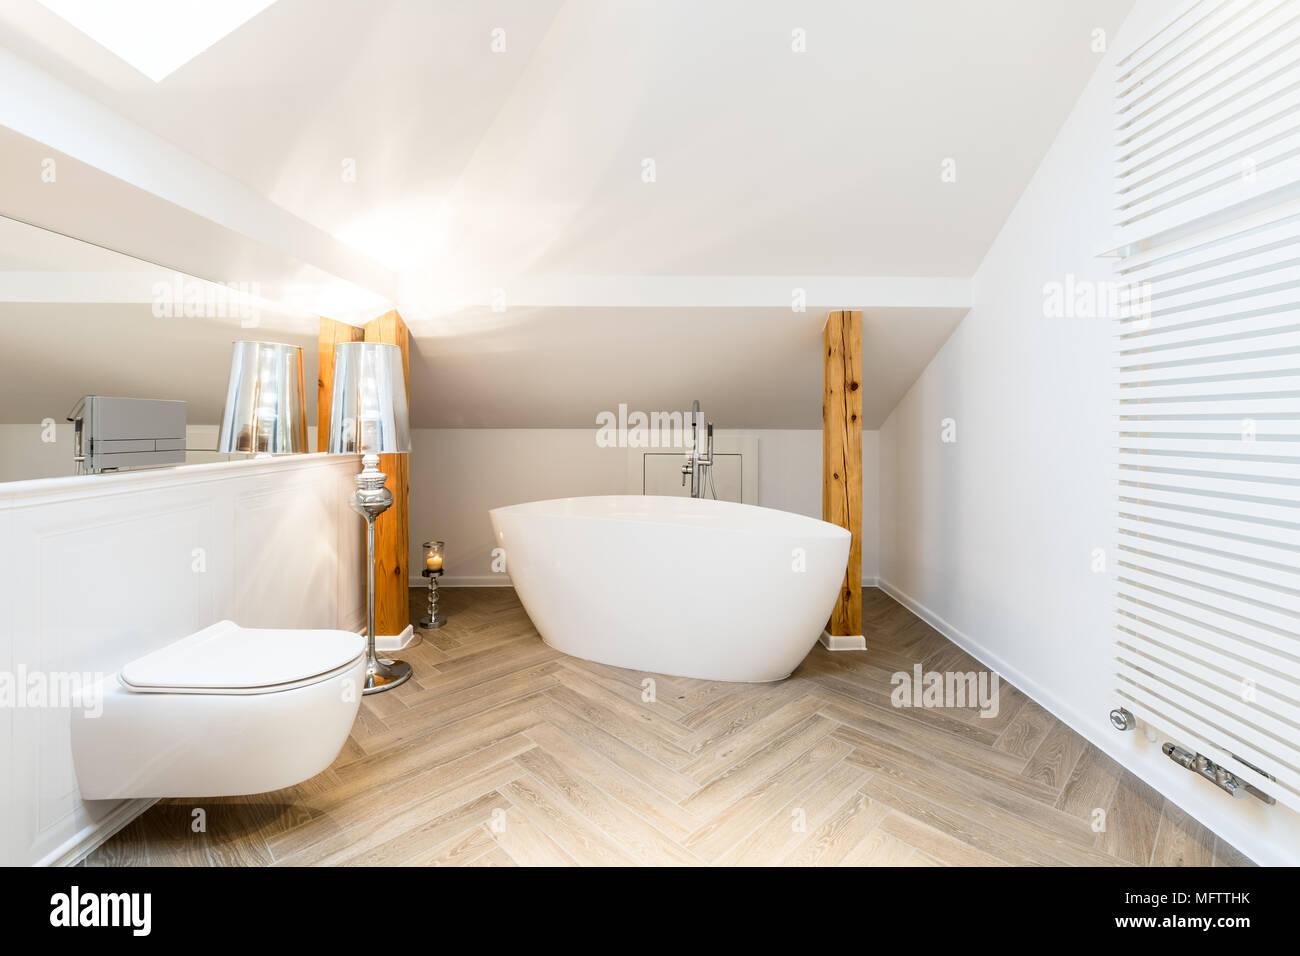 Vasca Da Bagno Vista : Edificio moderno bianco attico bagno interno con ovale vasca da